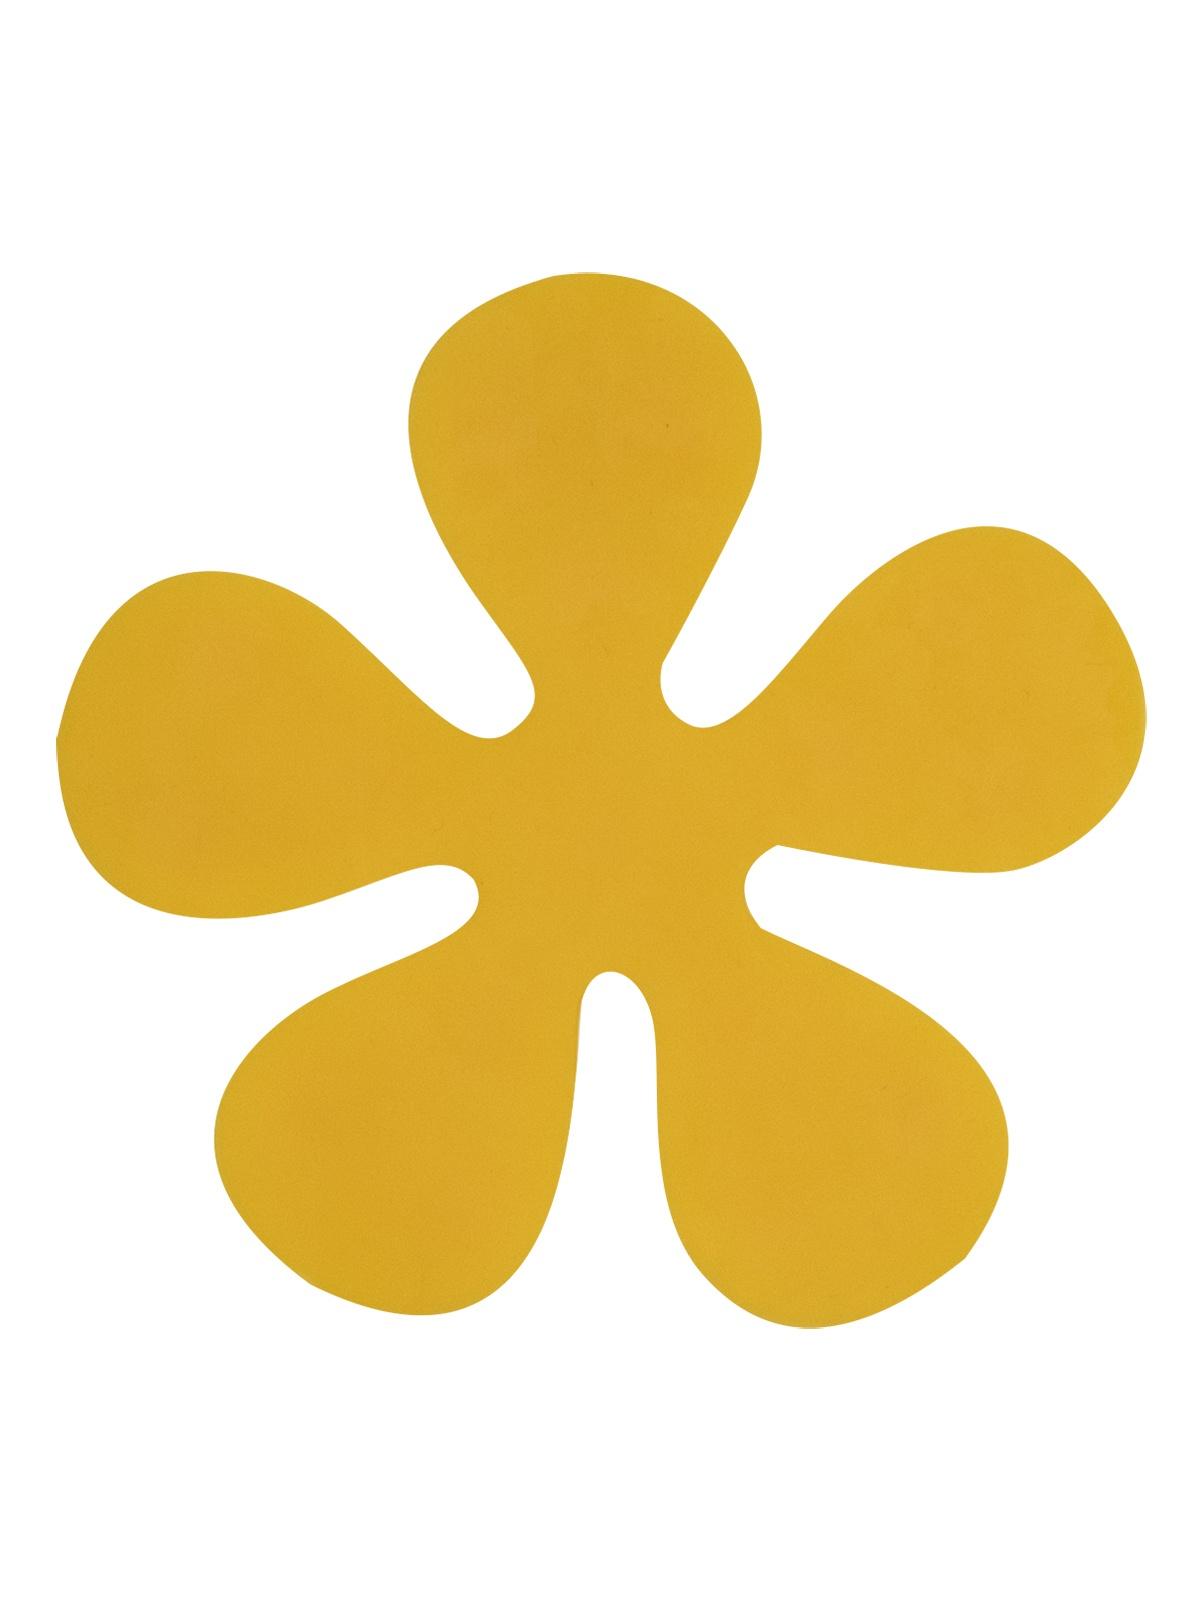 Мини-коврик для ванной комнаты ЦВЕТОК жёлтый